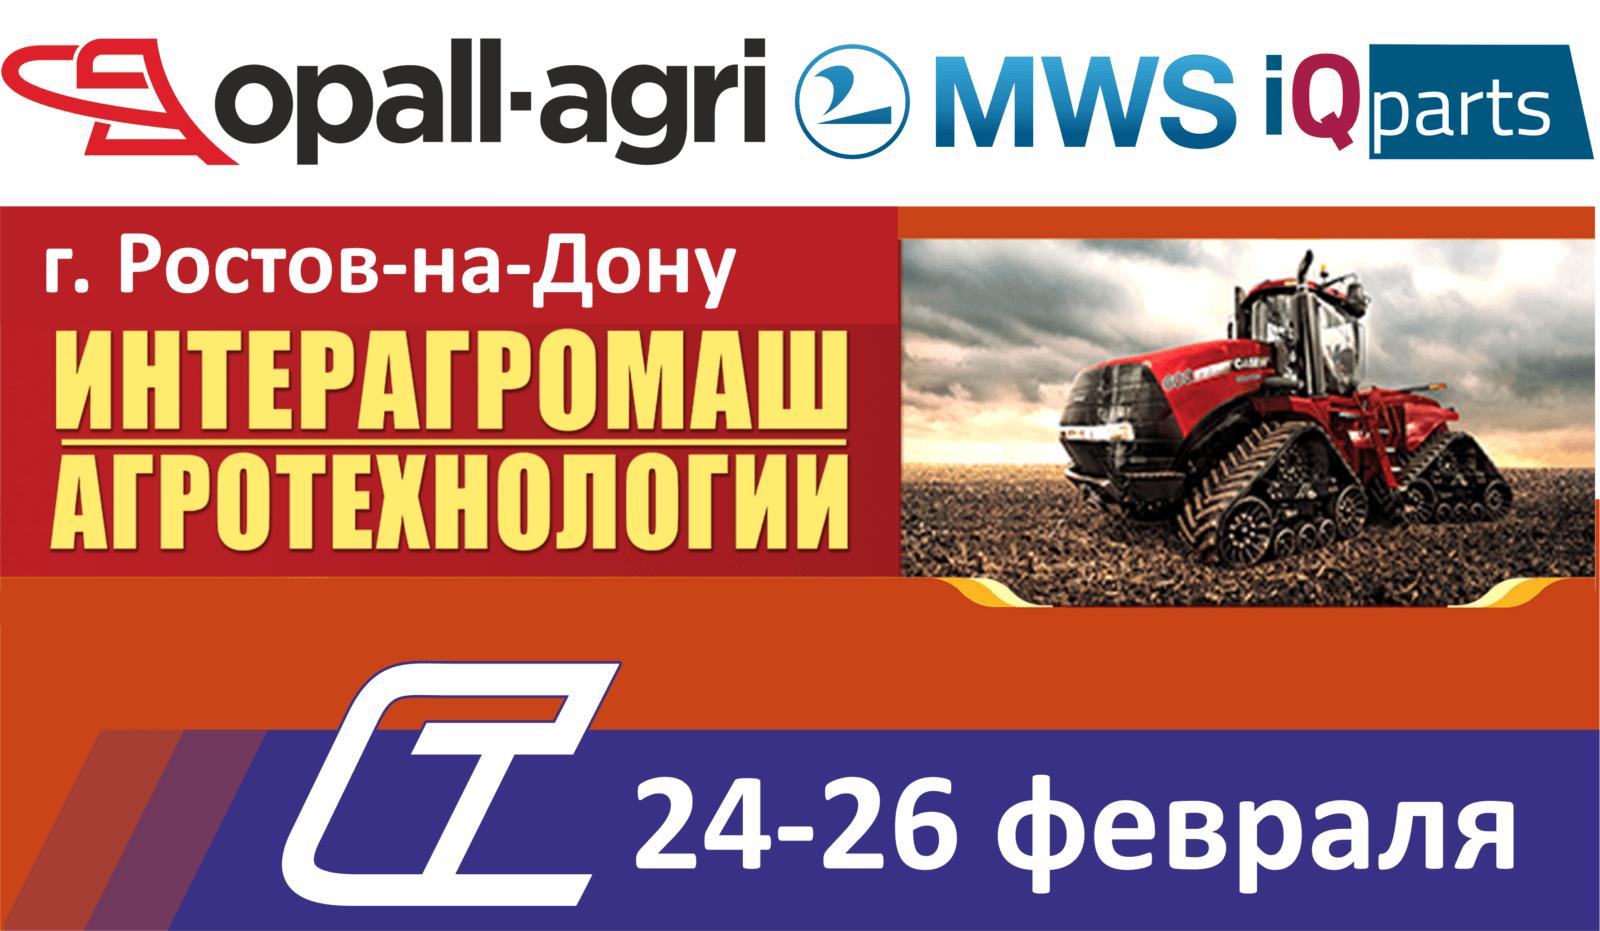 Интерагромаш выставка Ростов